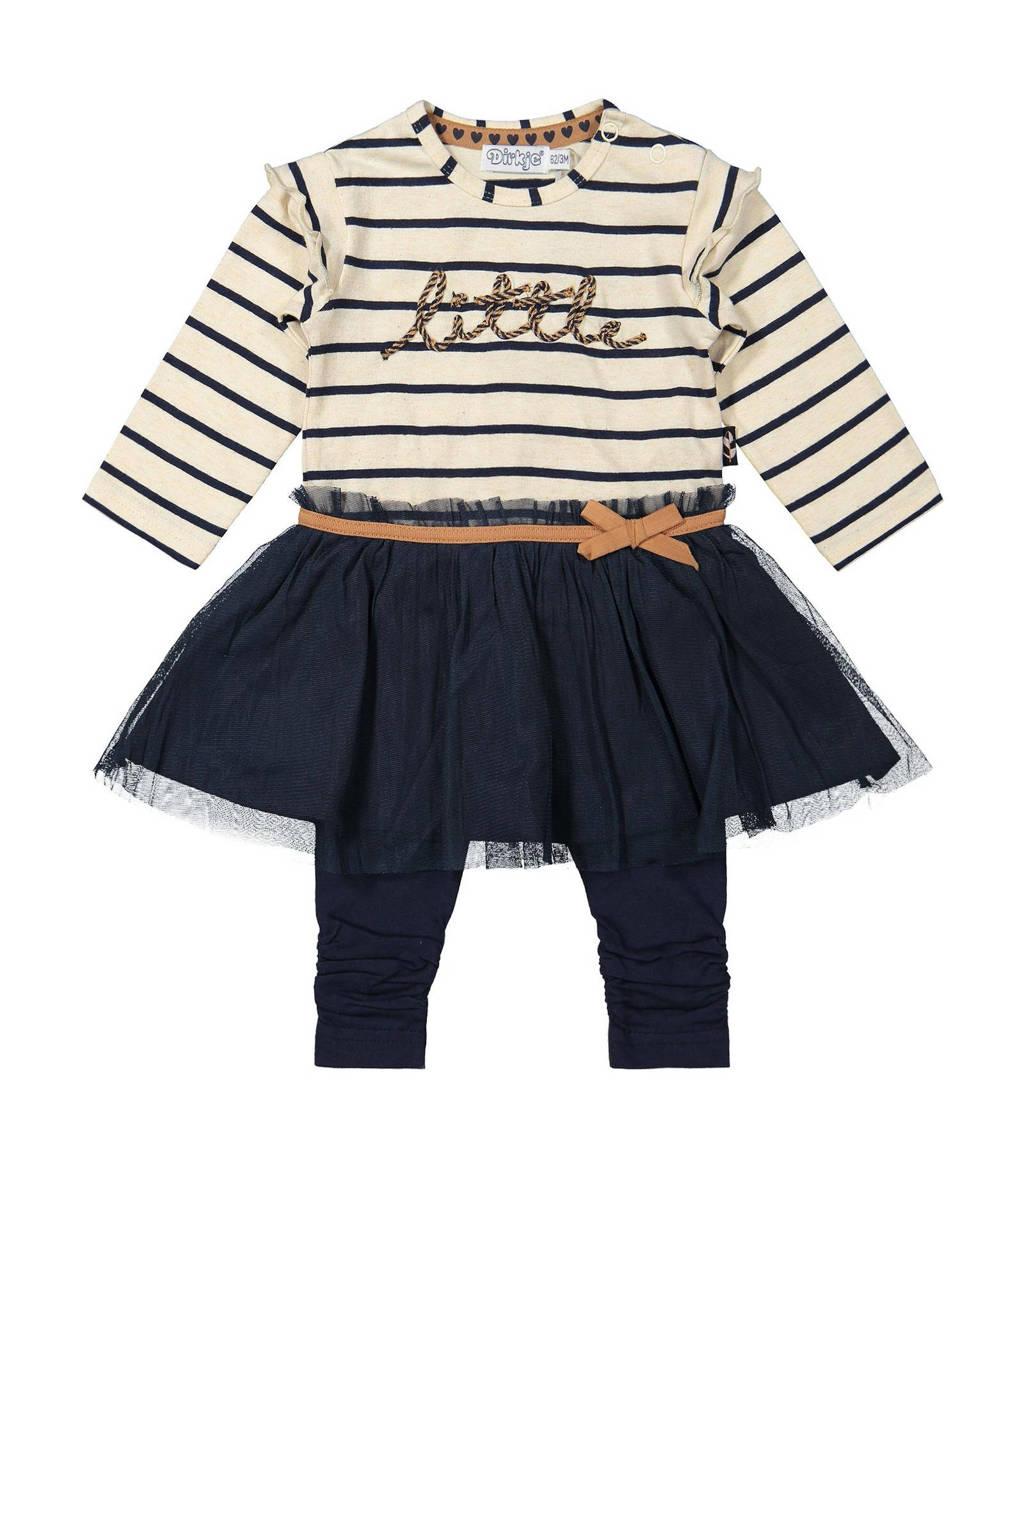 Dirkje newborn baby jurk + legging met biologisch katoen donkerblauw/beige melée, Donkerblauw/beige melée